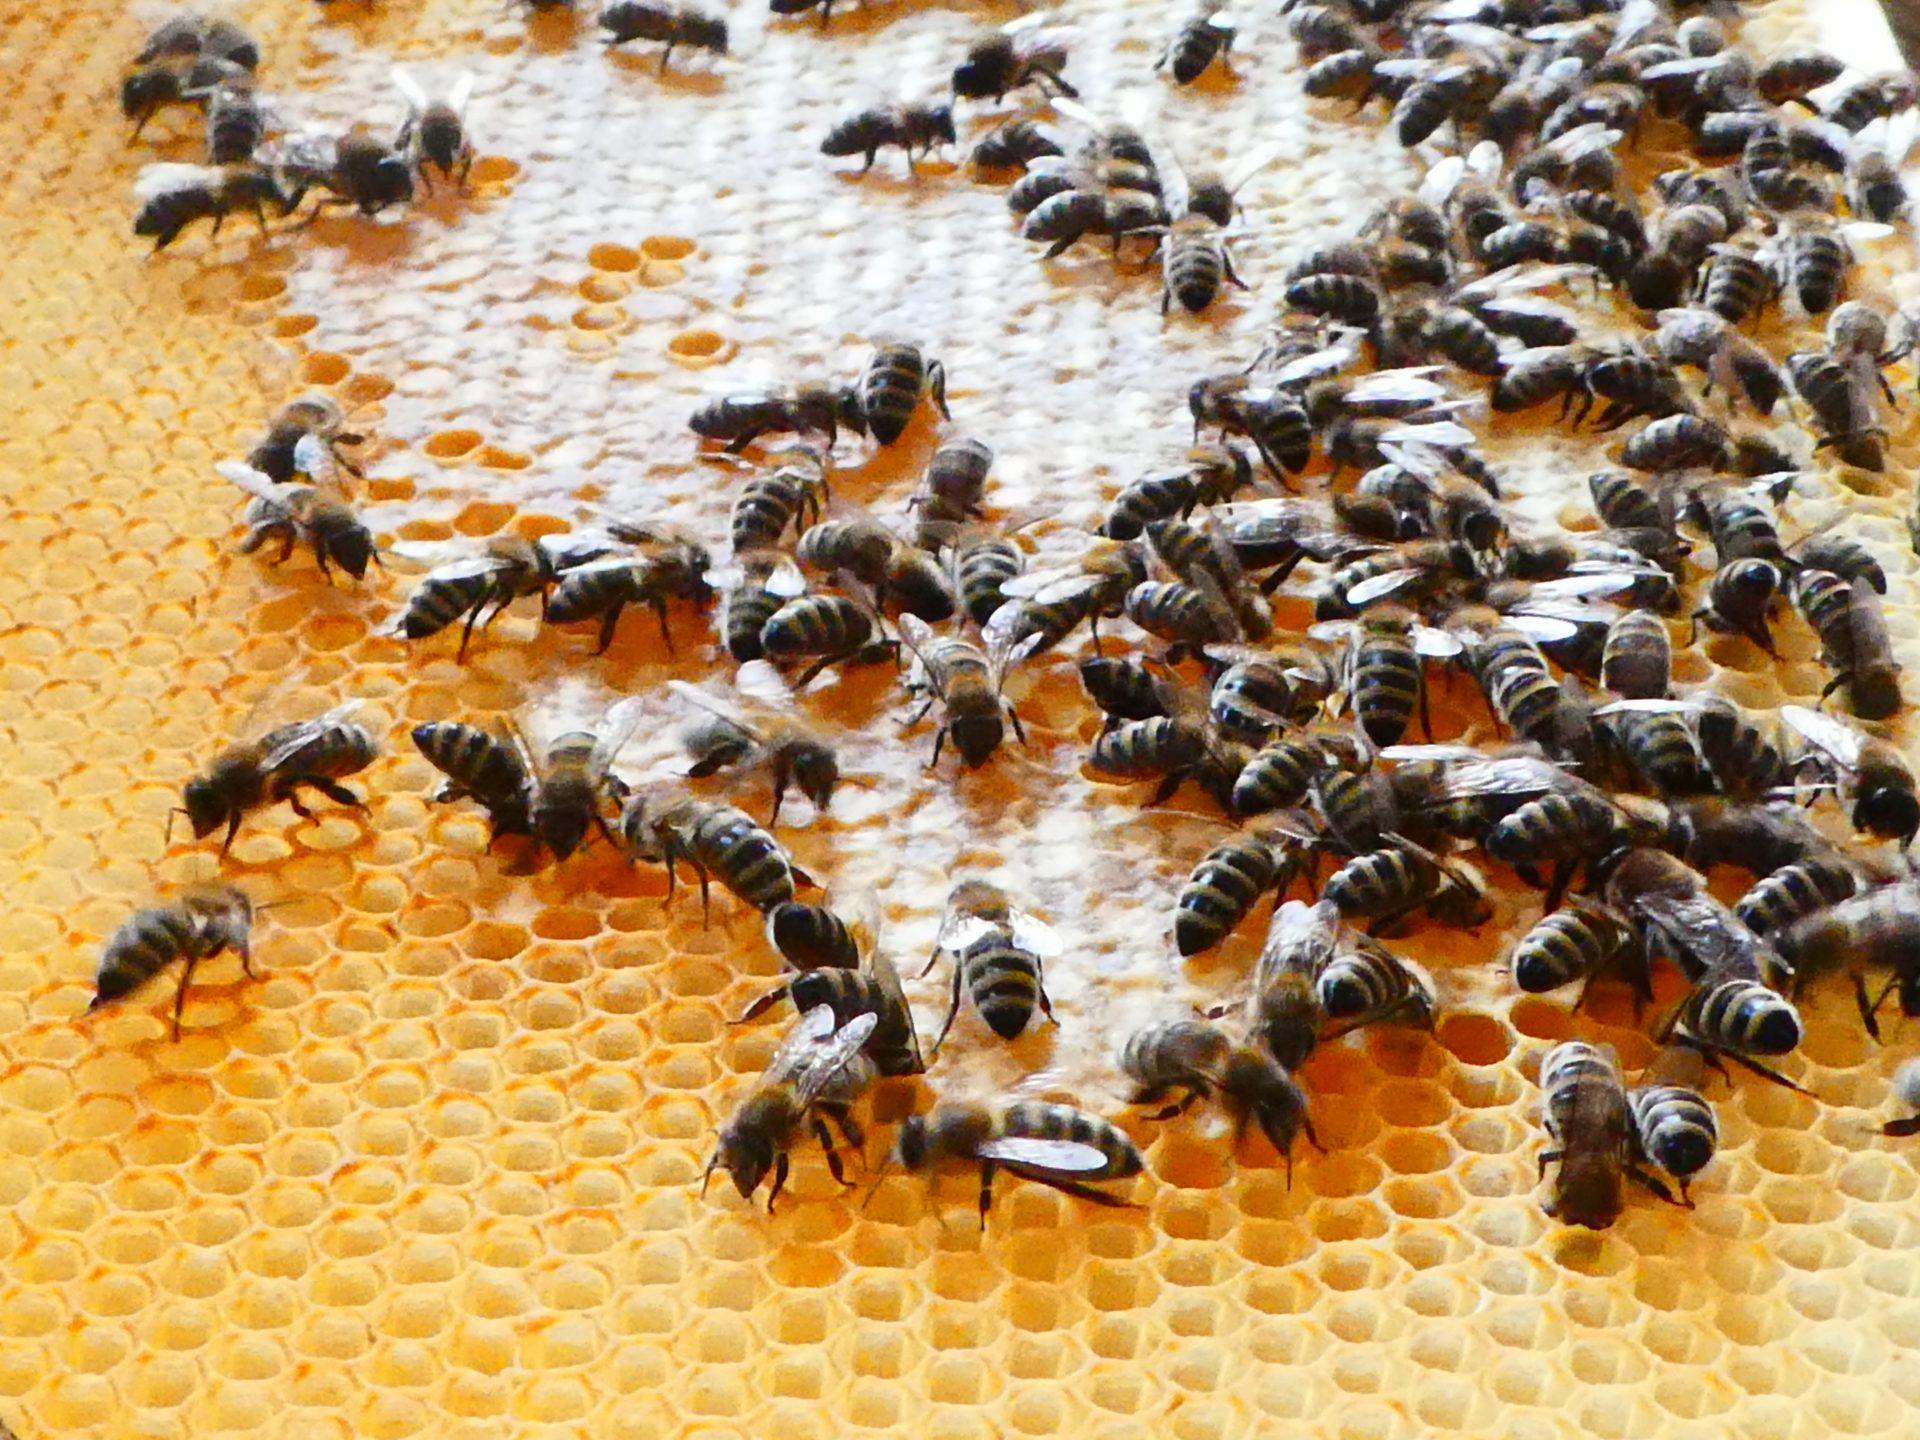 Honig schleudern: Die Waben werden verdeckelt